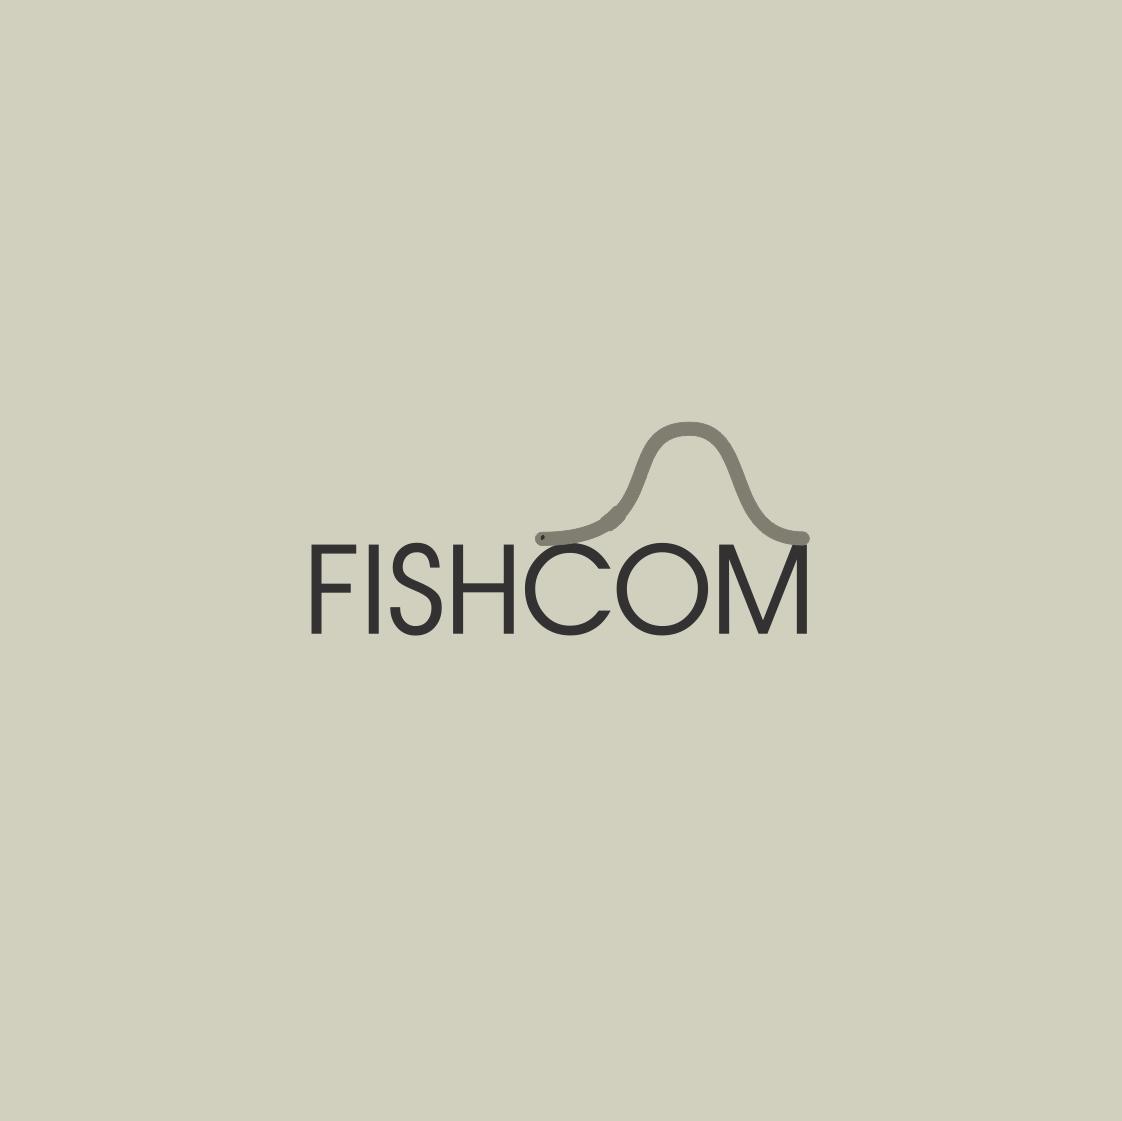 Создание логотипа и брэндбука для компании РЫБКОМ фото f_5465c18da1400543.png